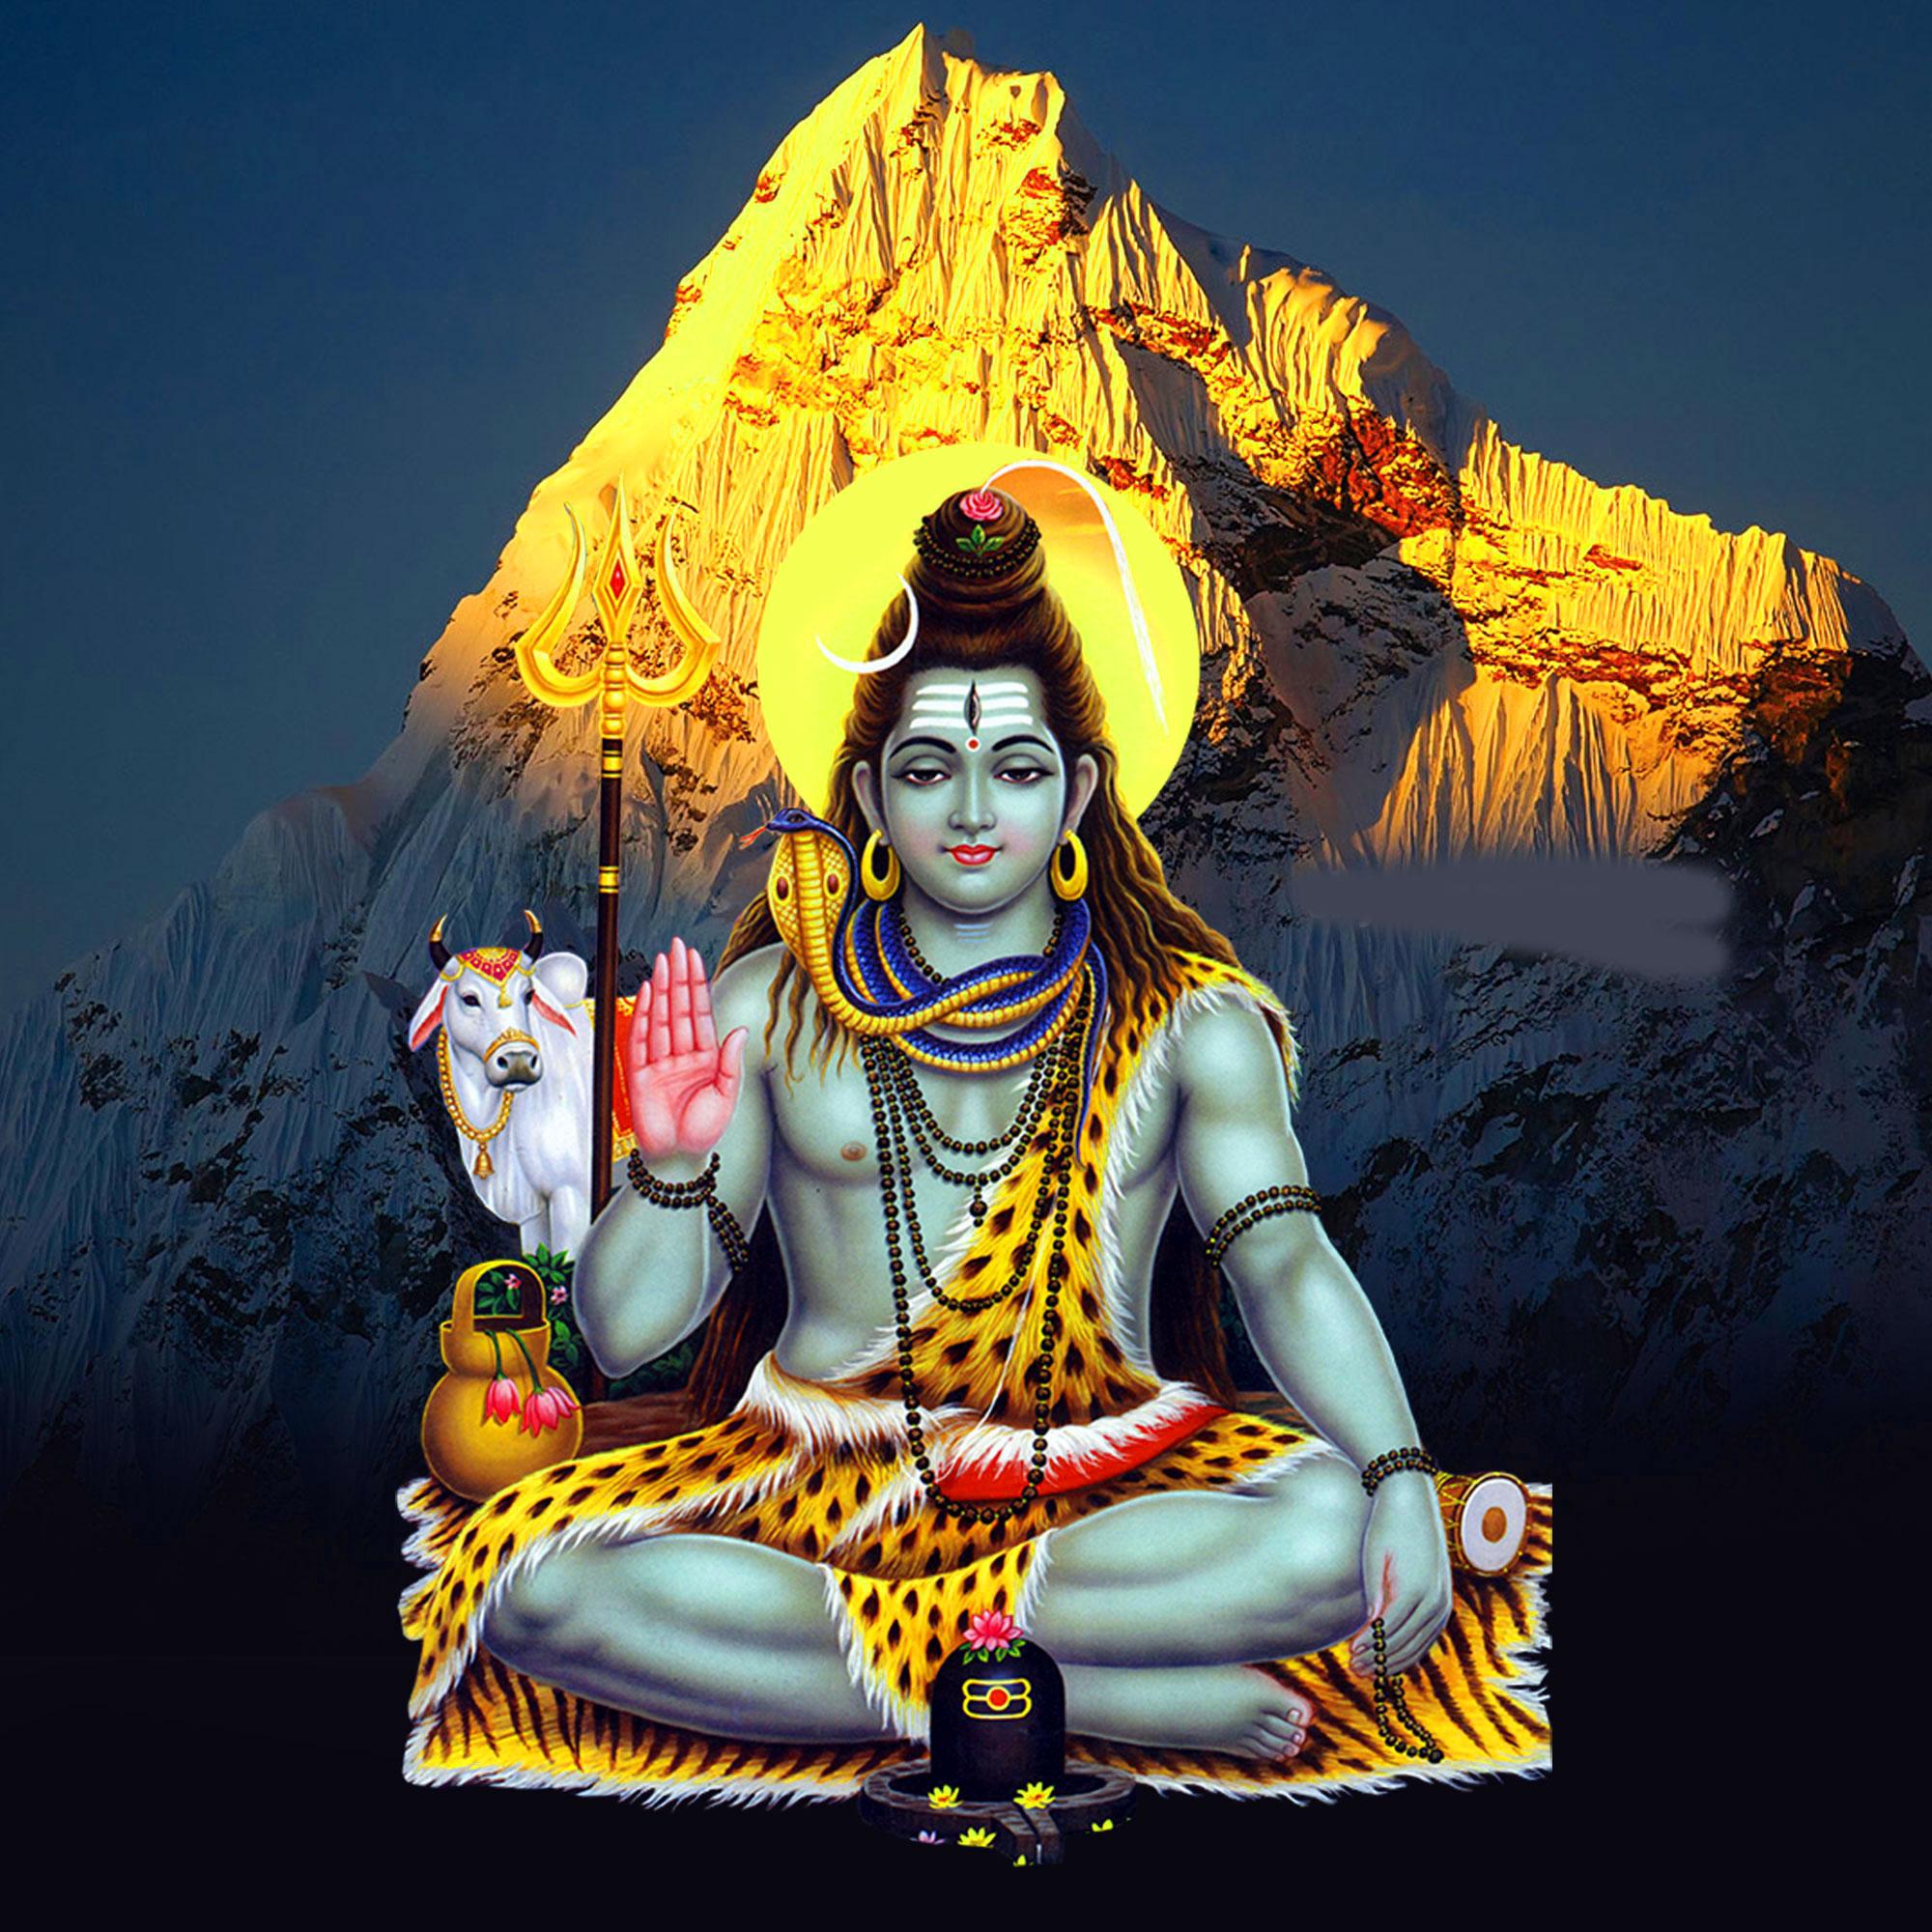 god Latest Shiva Images photo hd